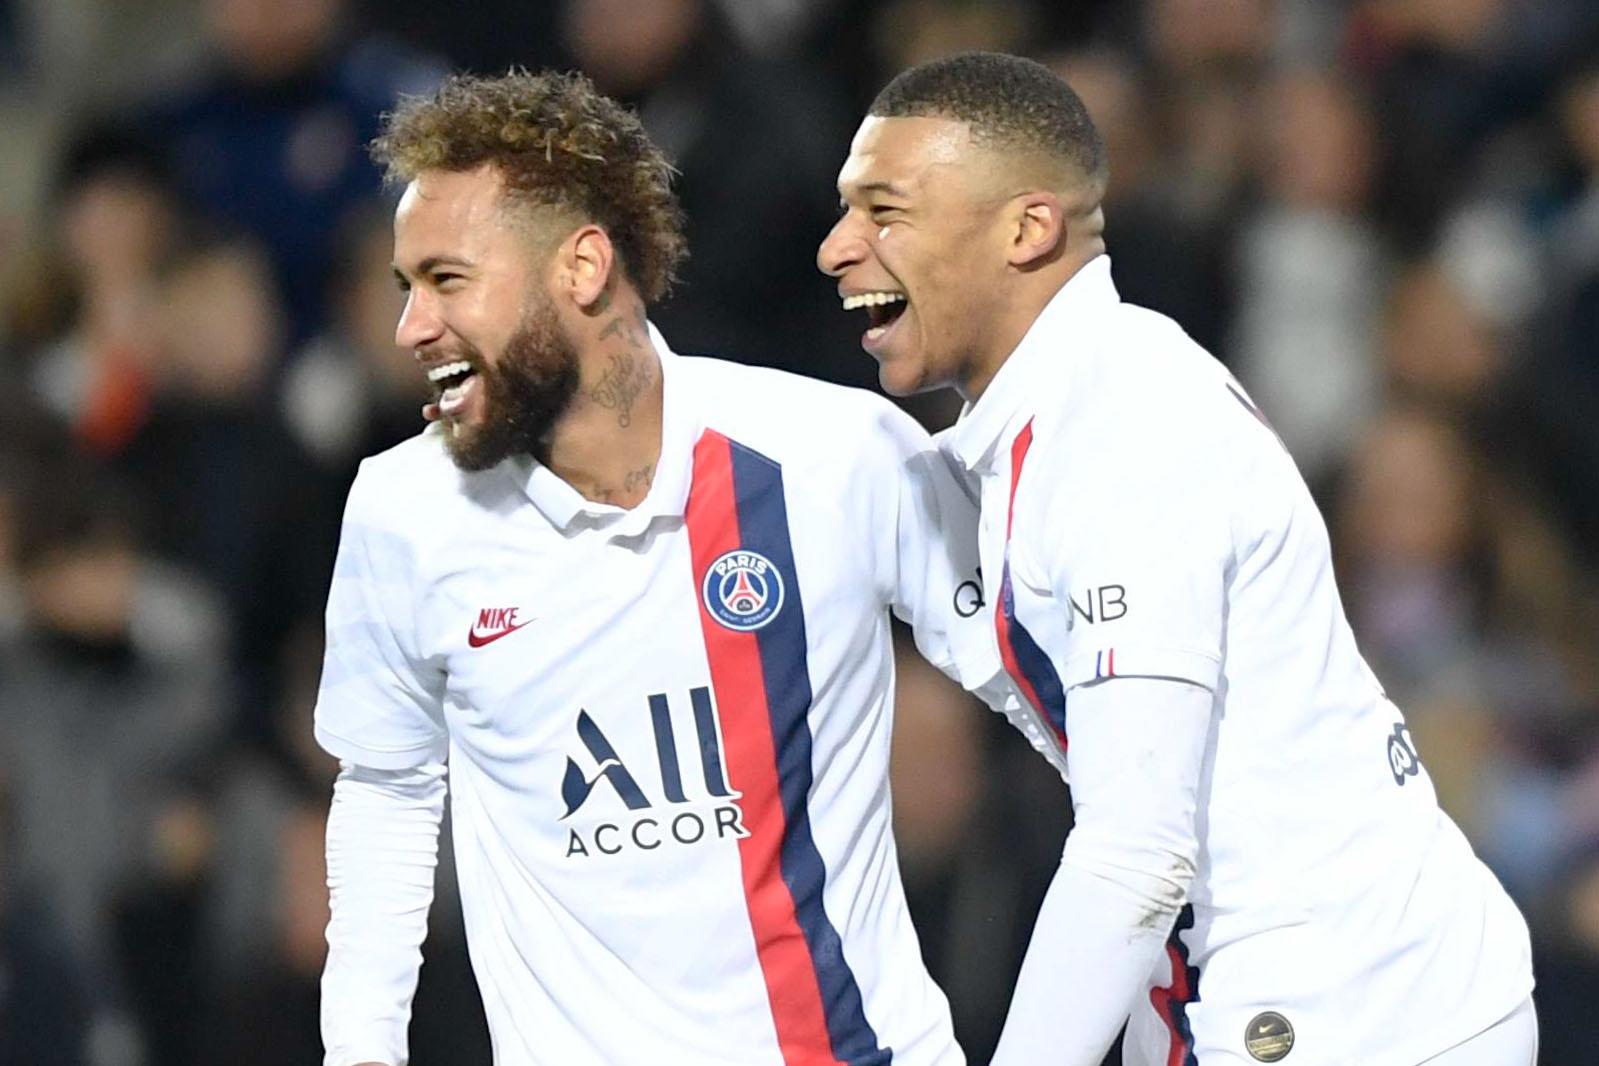 Le journal du mercato : six clubs courtisent Mbappé et Neymar